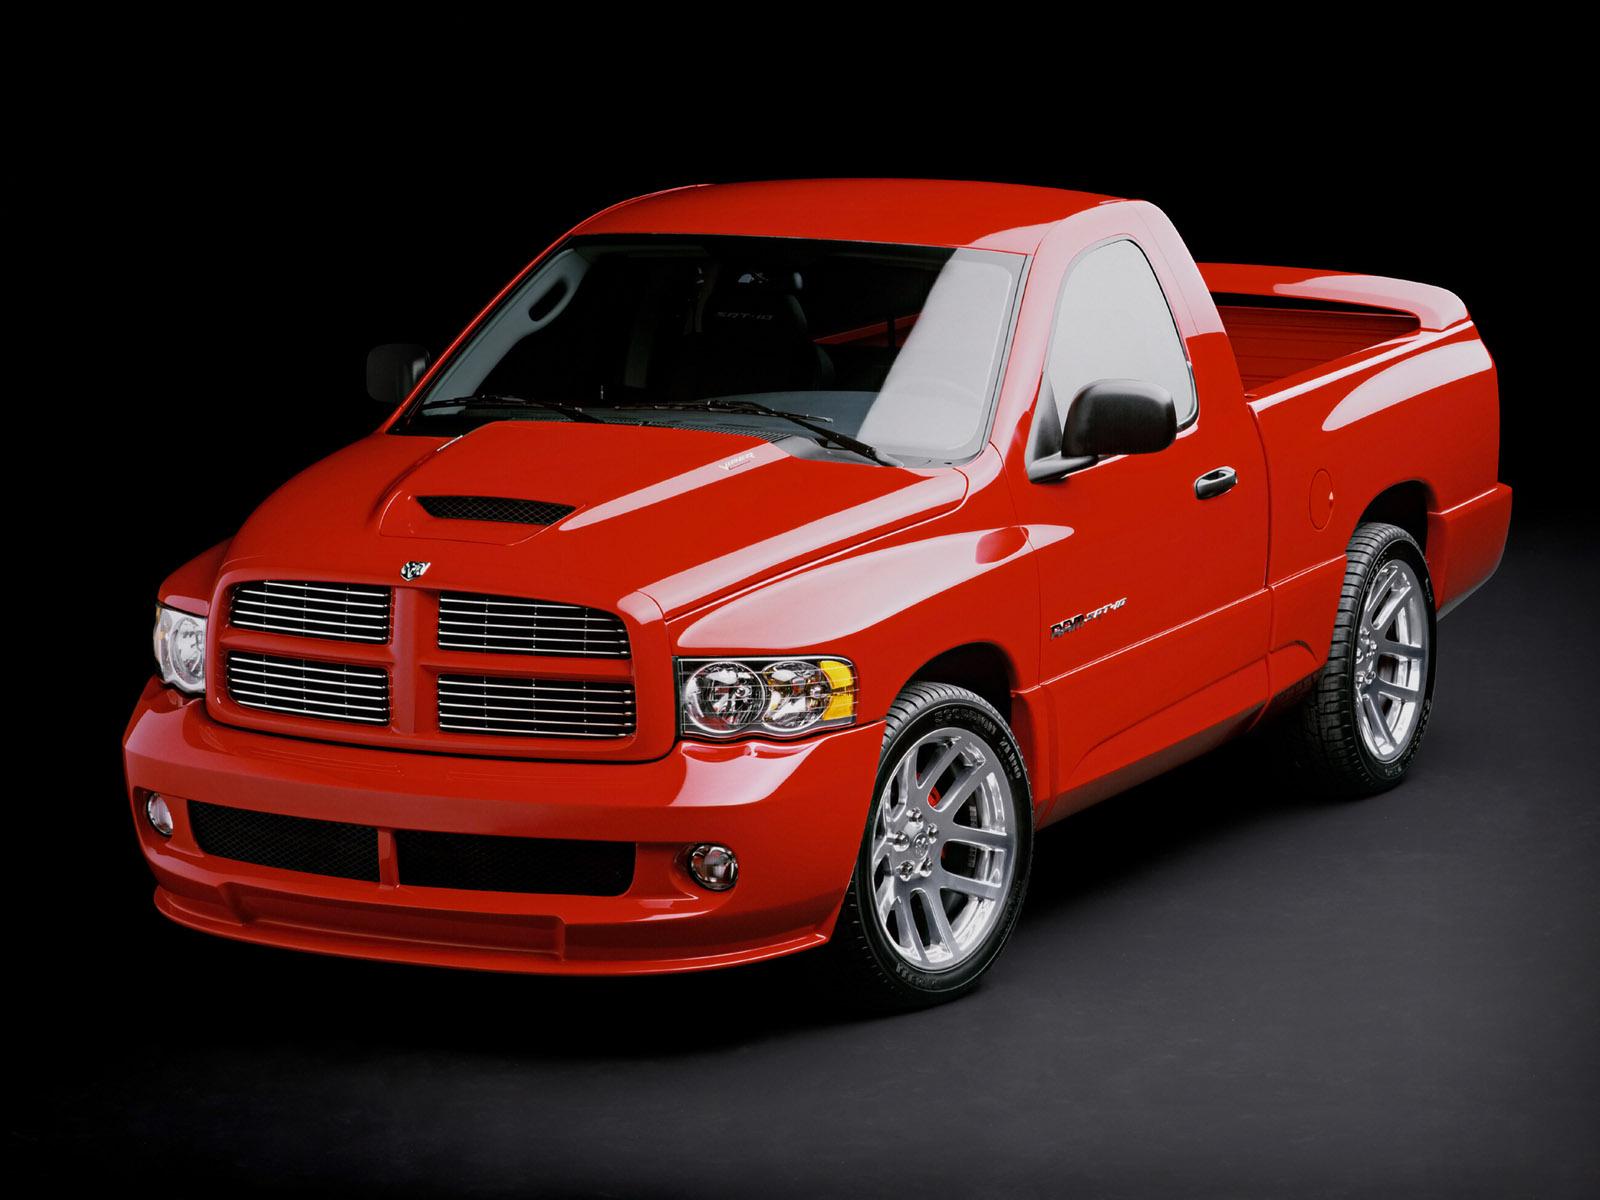 2004 Dodge Ram Wallpapers Hd Drivespark